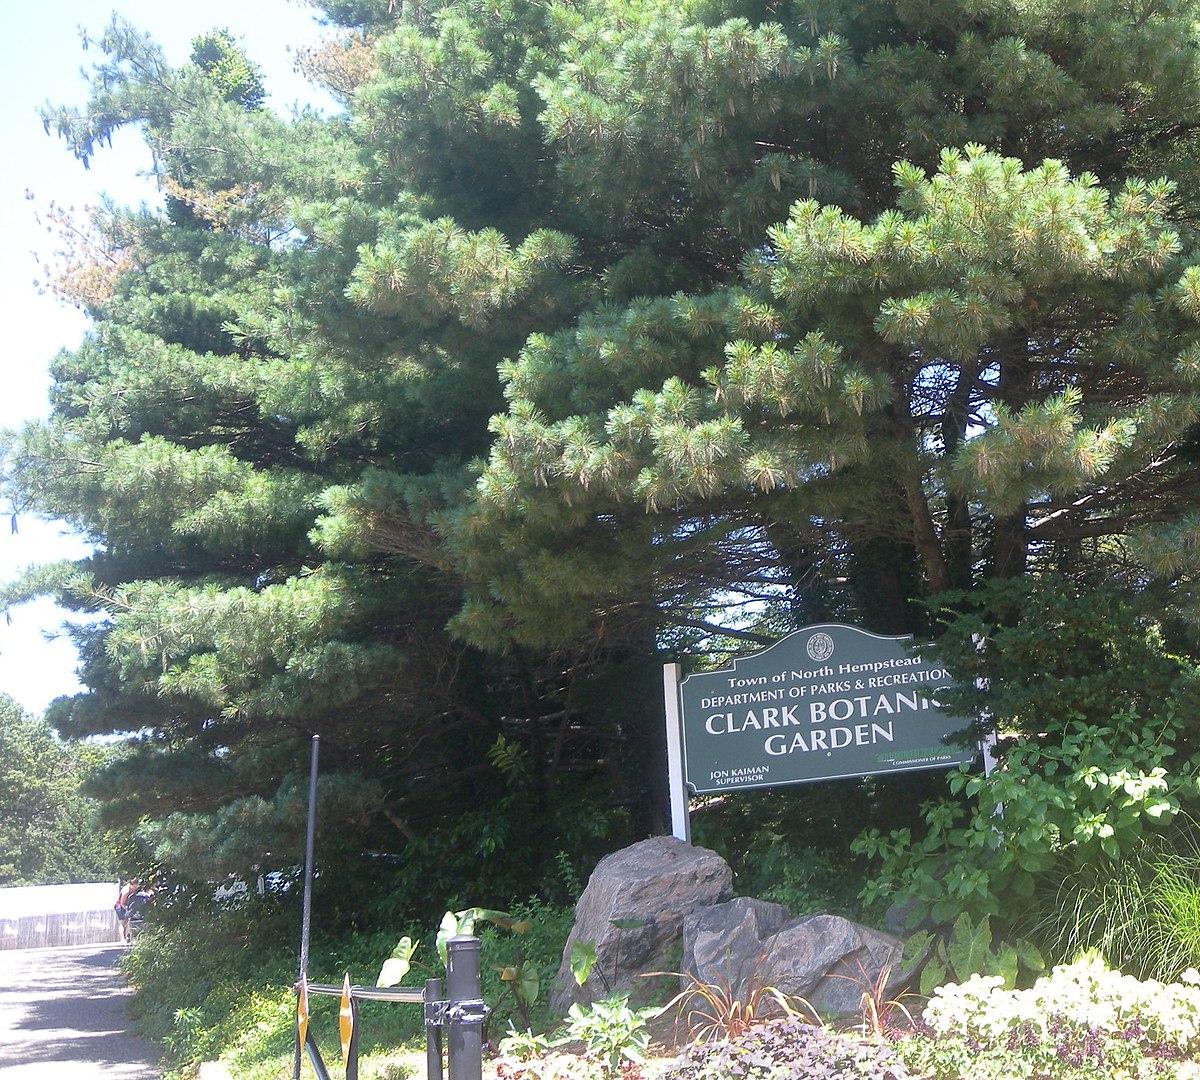 Clark Botanic Garden Long Island